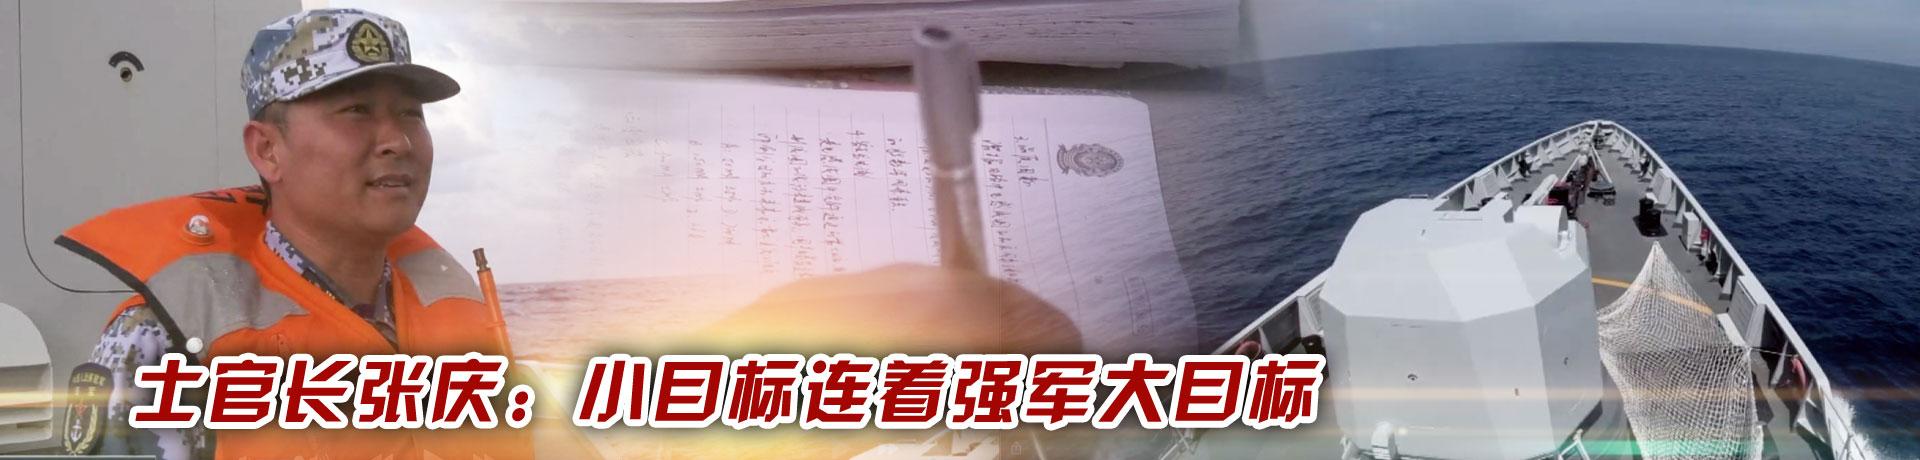 【精武先锋】士官长张庆:小目标连着强军大目标